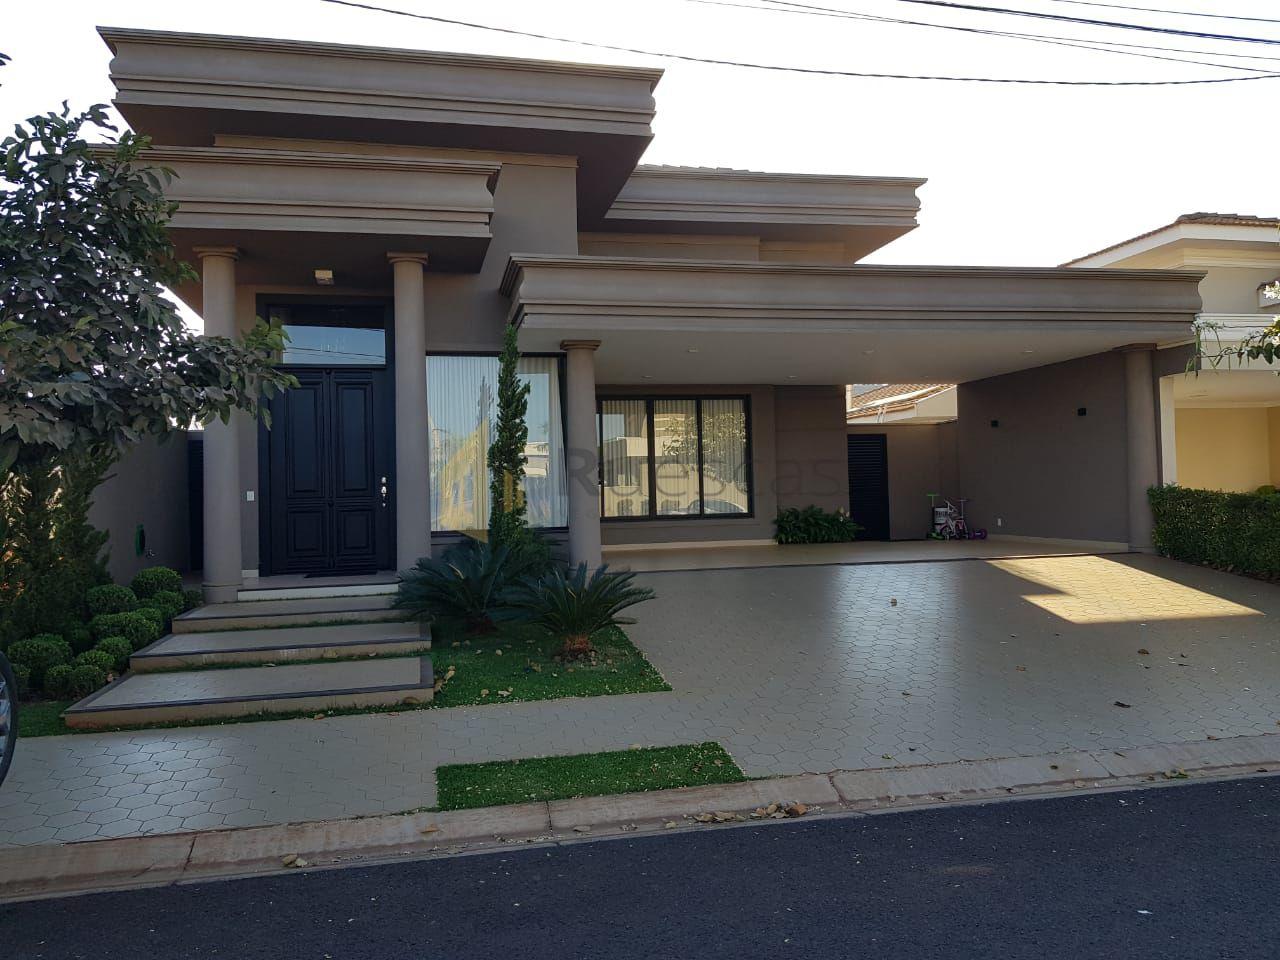 Casa em Condomínio 3 quartos à venda Parque Residencial Damha VI, São José do Rio Preto - R$ 1.750.000 - 1166 - 1